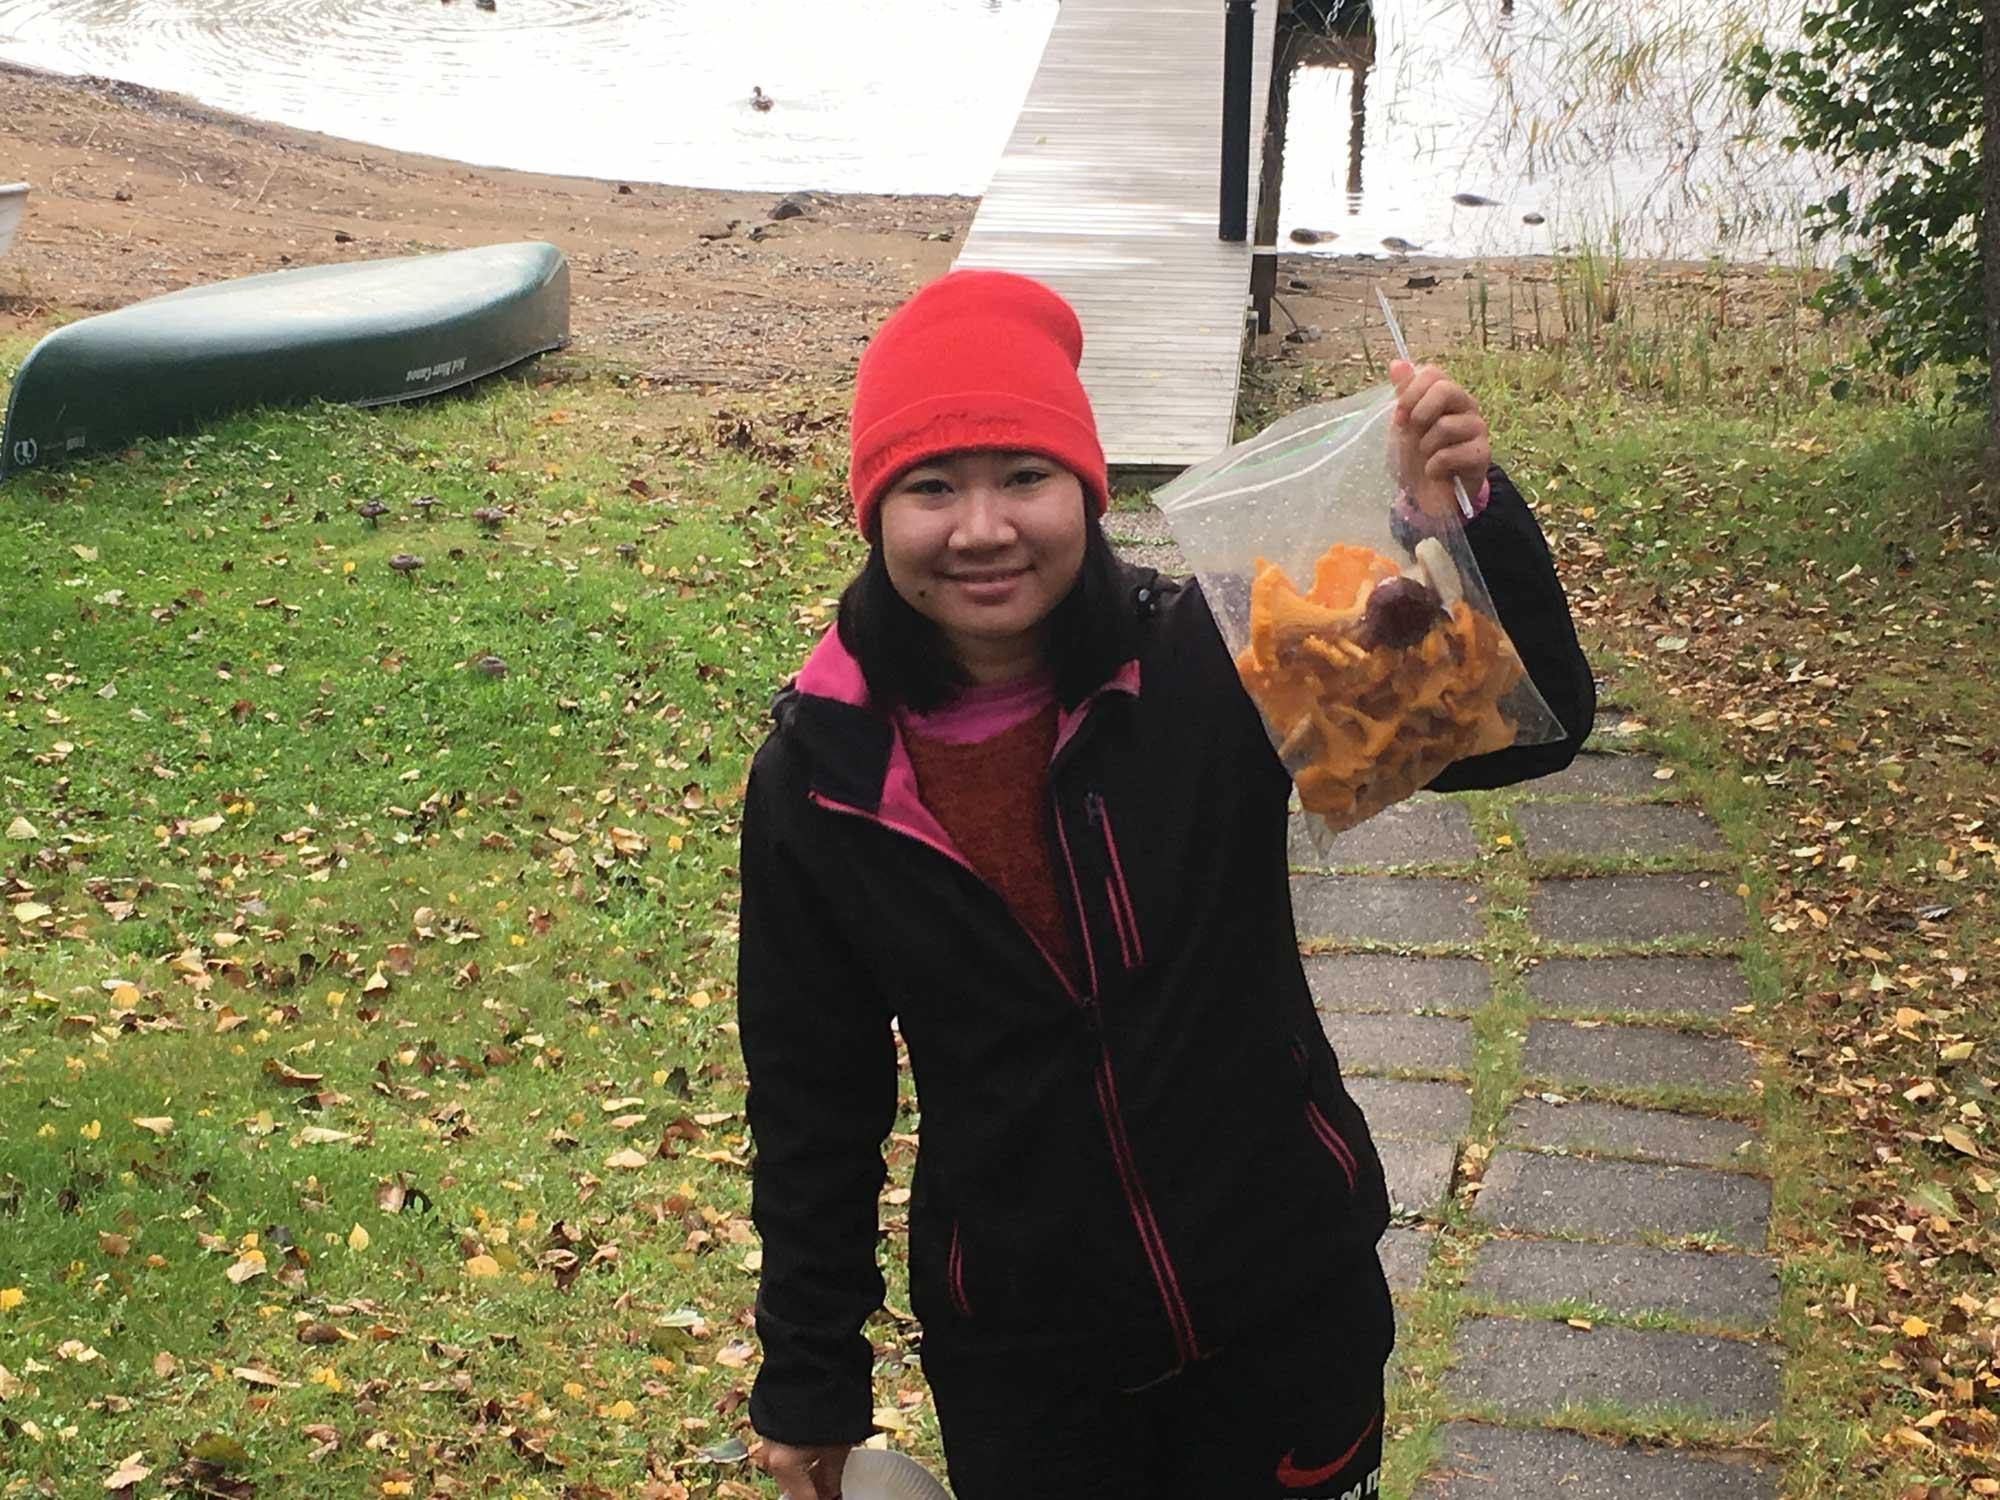 Kuvituskuva artikkelille 'Savonlinna: Evästä ja iloa elämään nuorille'